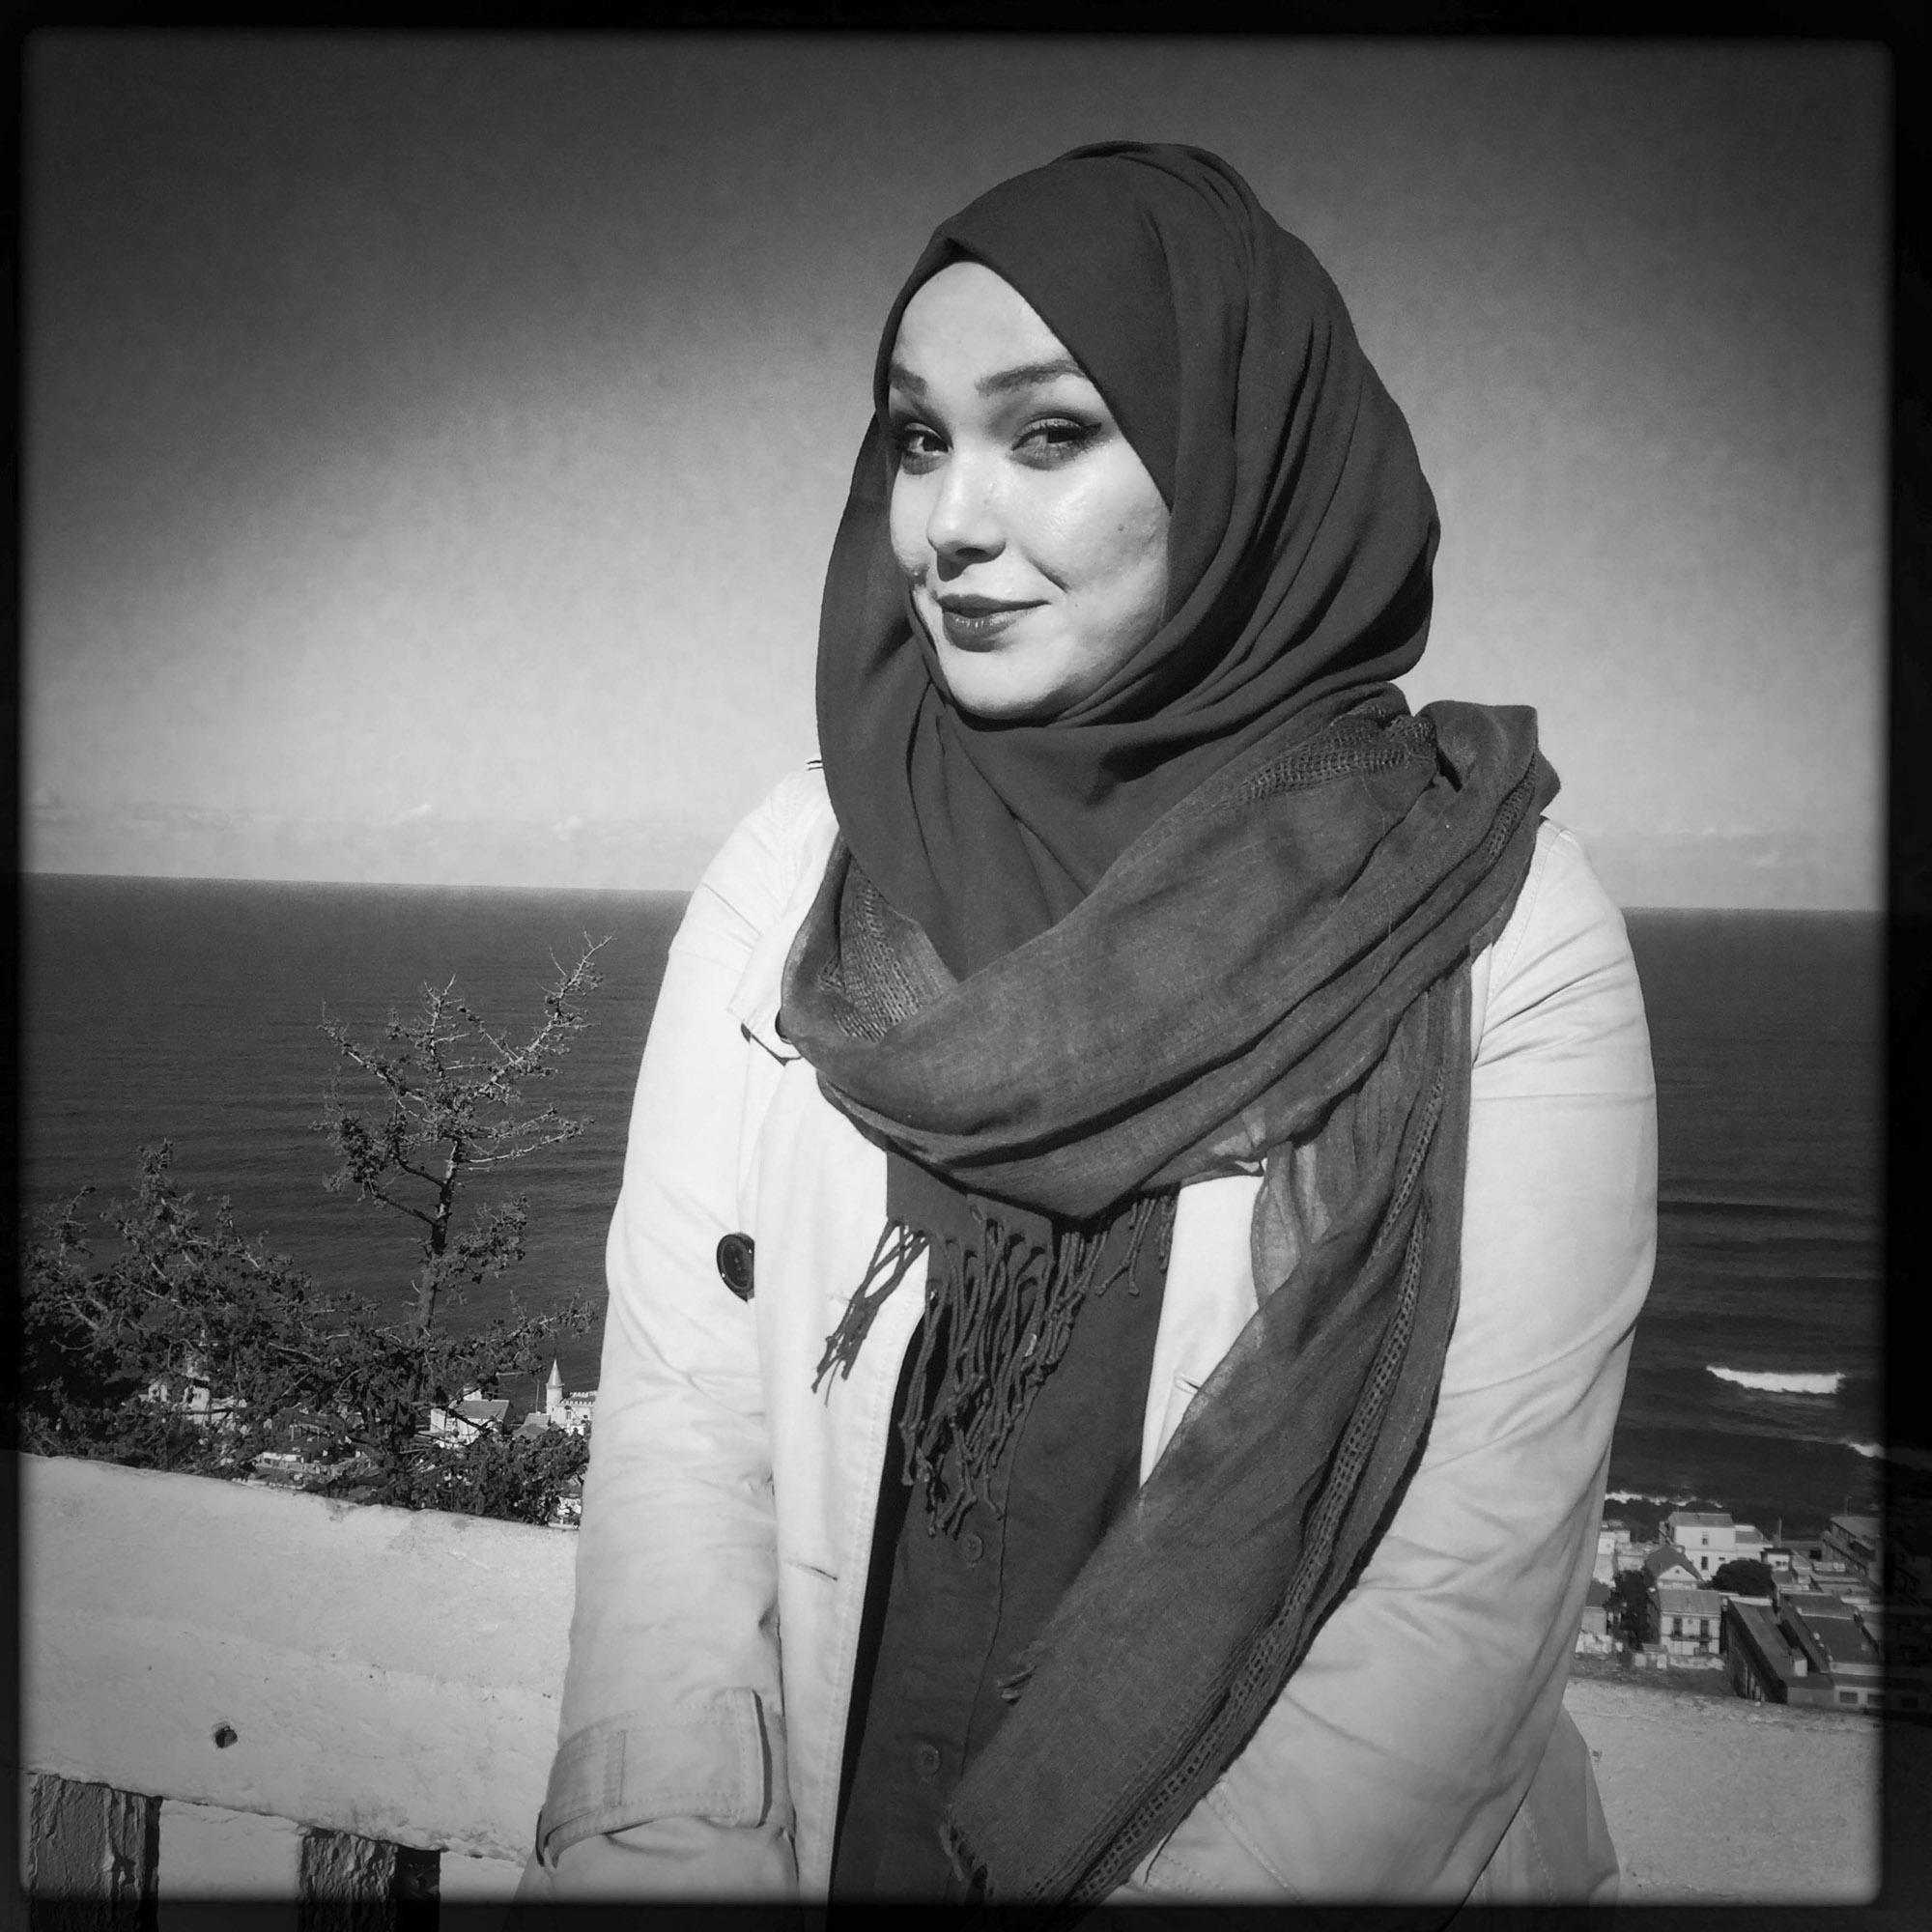 Yasmine, jeune étudiante en langues Algérienne en bord de mer à côté de Notre dame d'Afrique.17/02/2016, Alger-Algérie